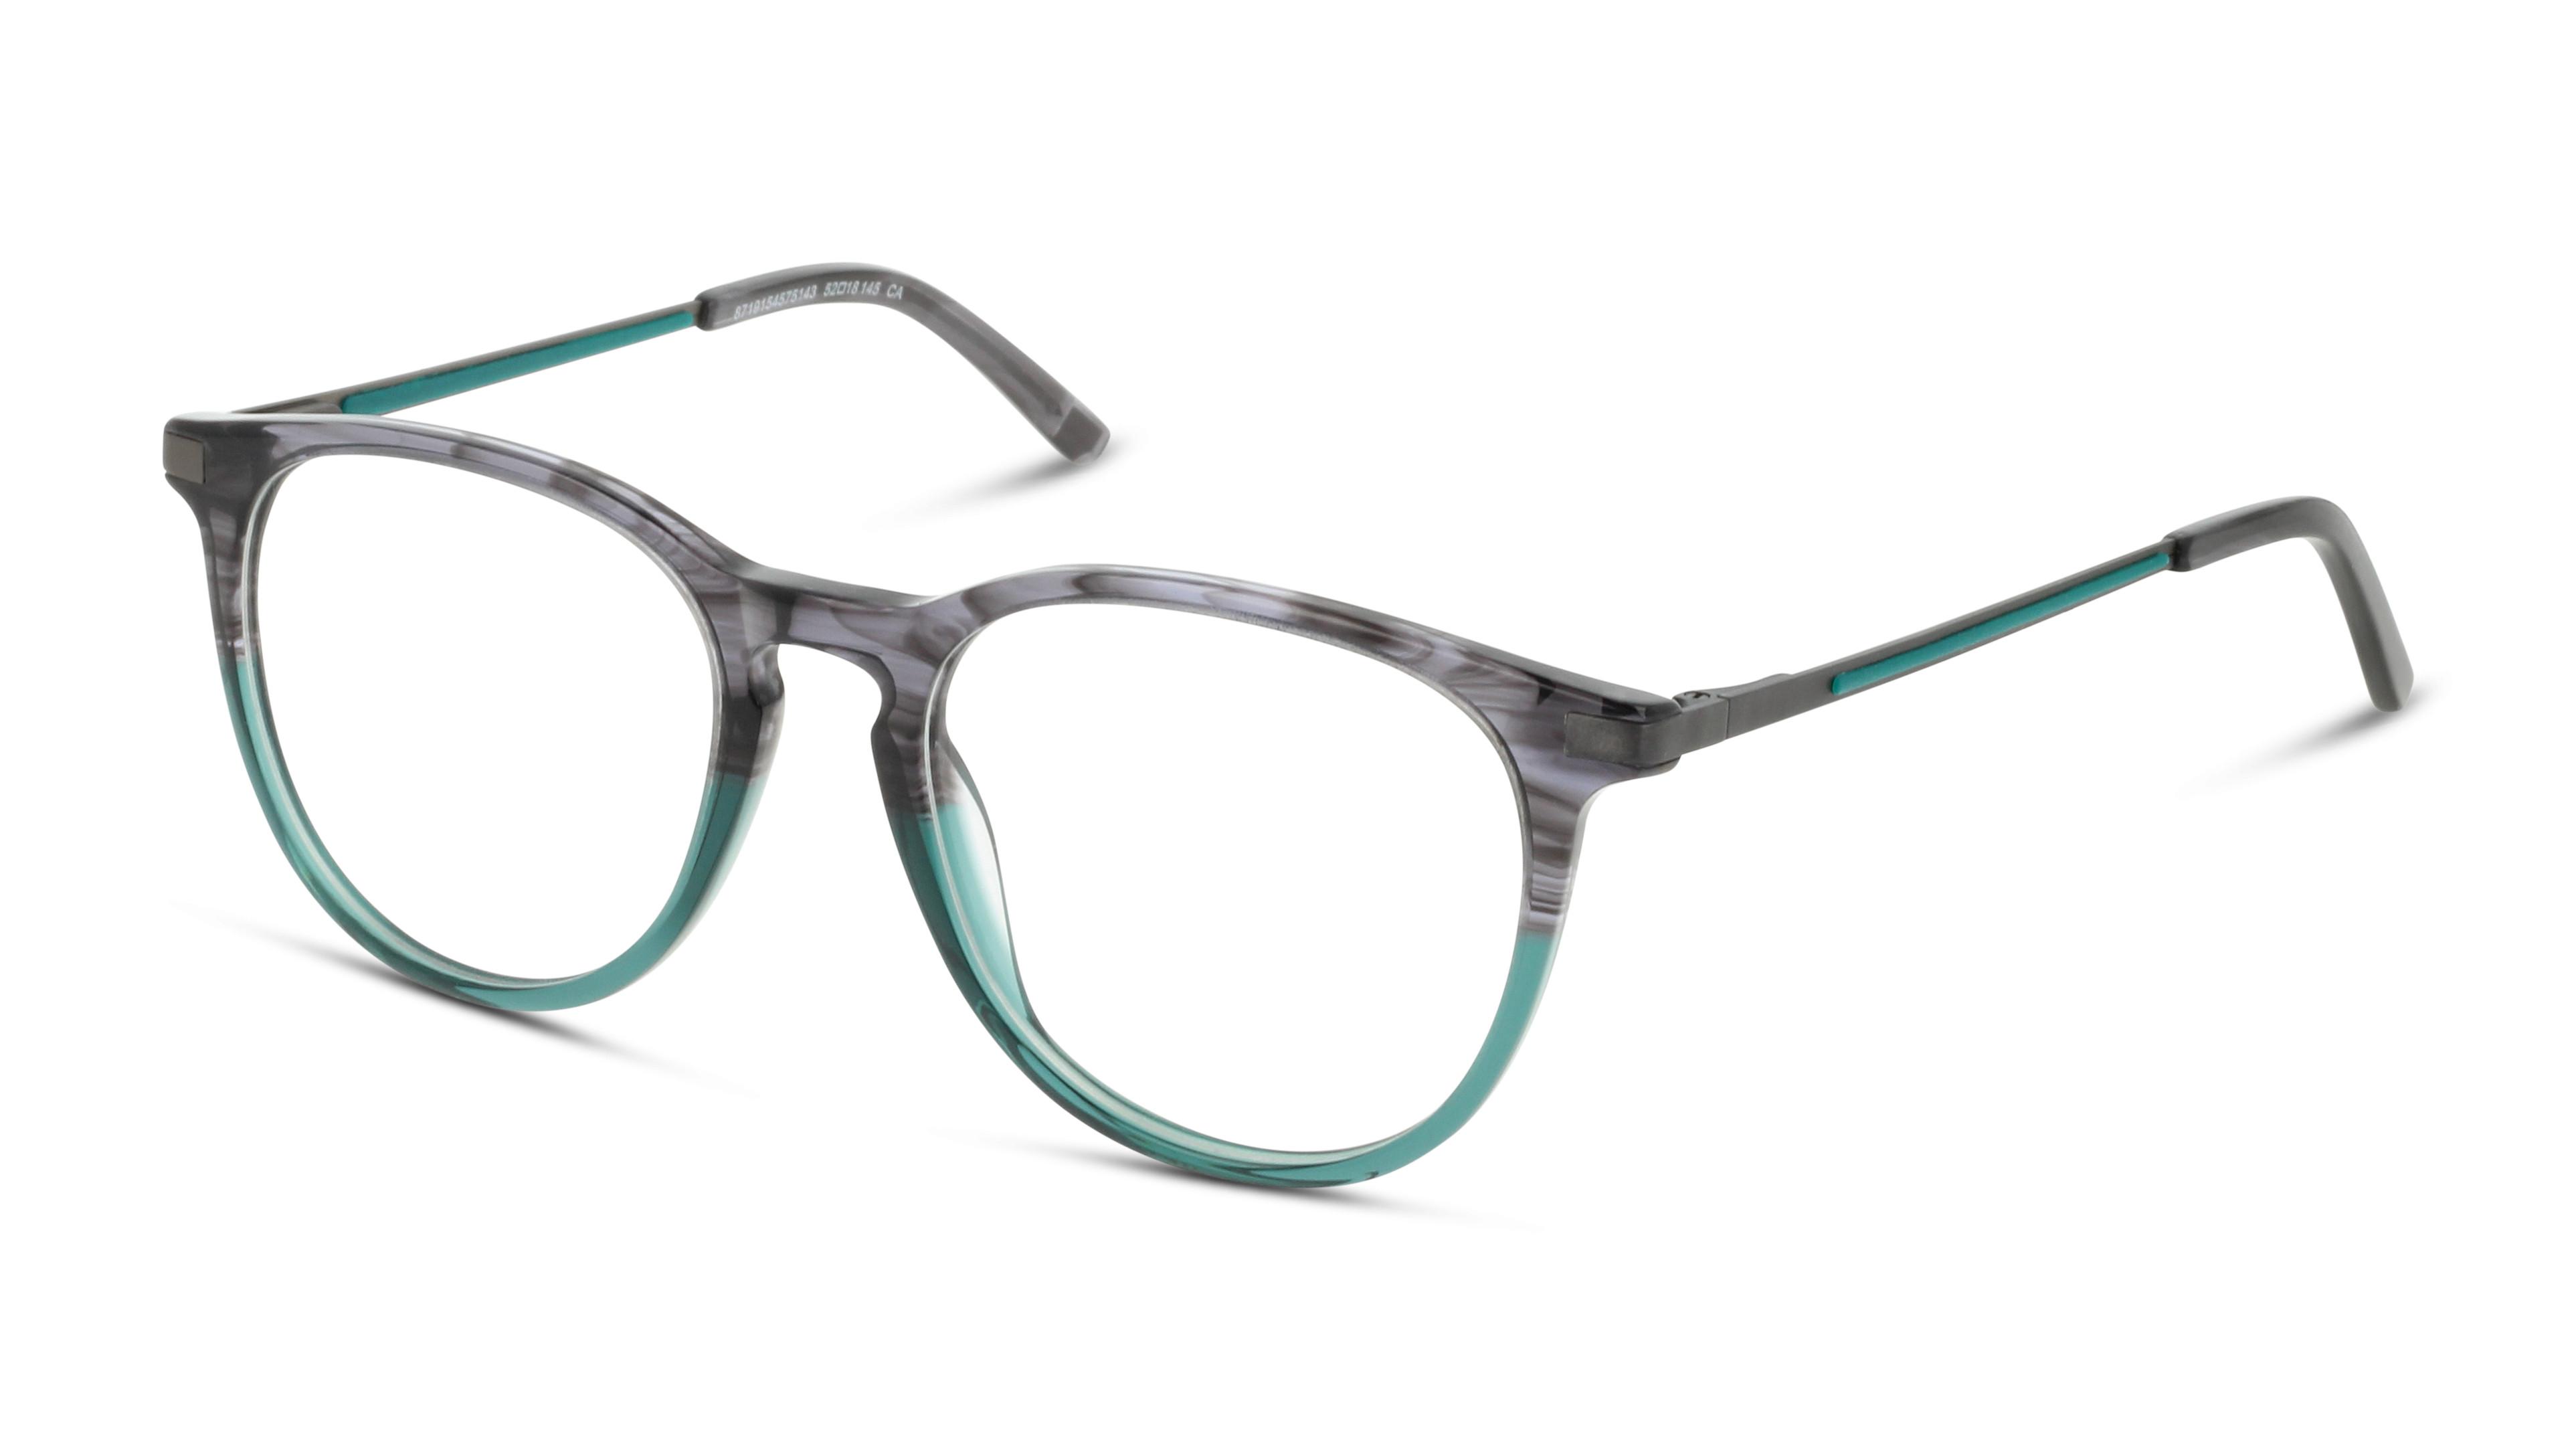 8719154575143-angle-03-5th-avenue-fakm09-eyewear-grey-green